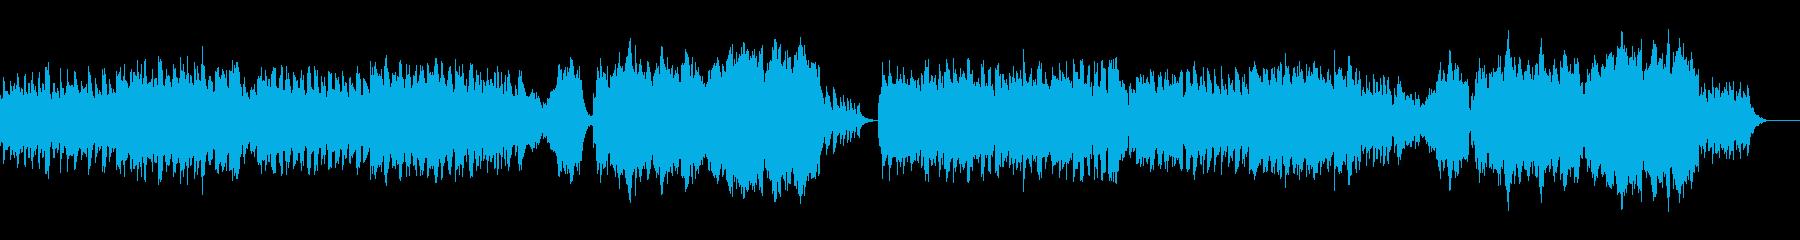 優しい曲です 感動 懐かしさの再生済みの波形